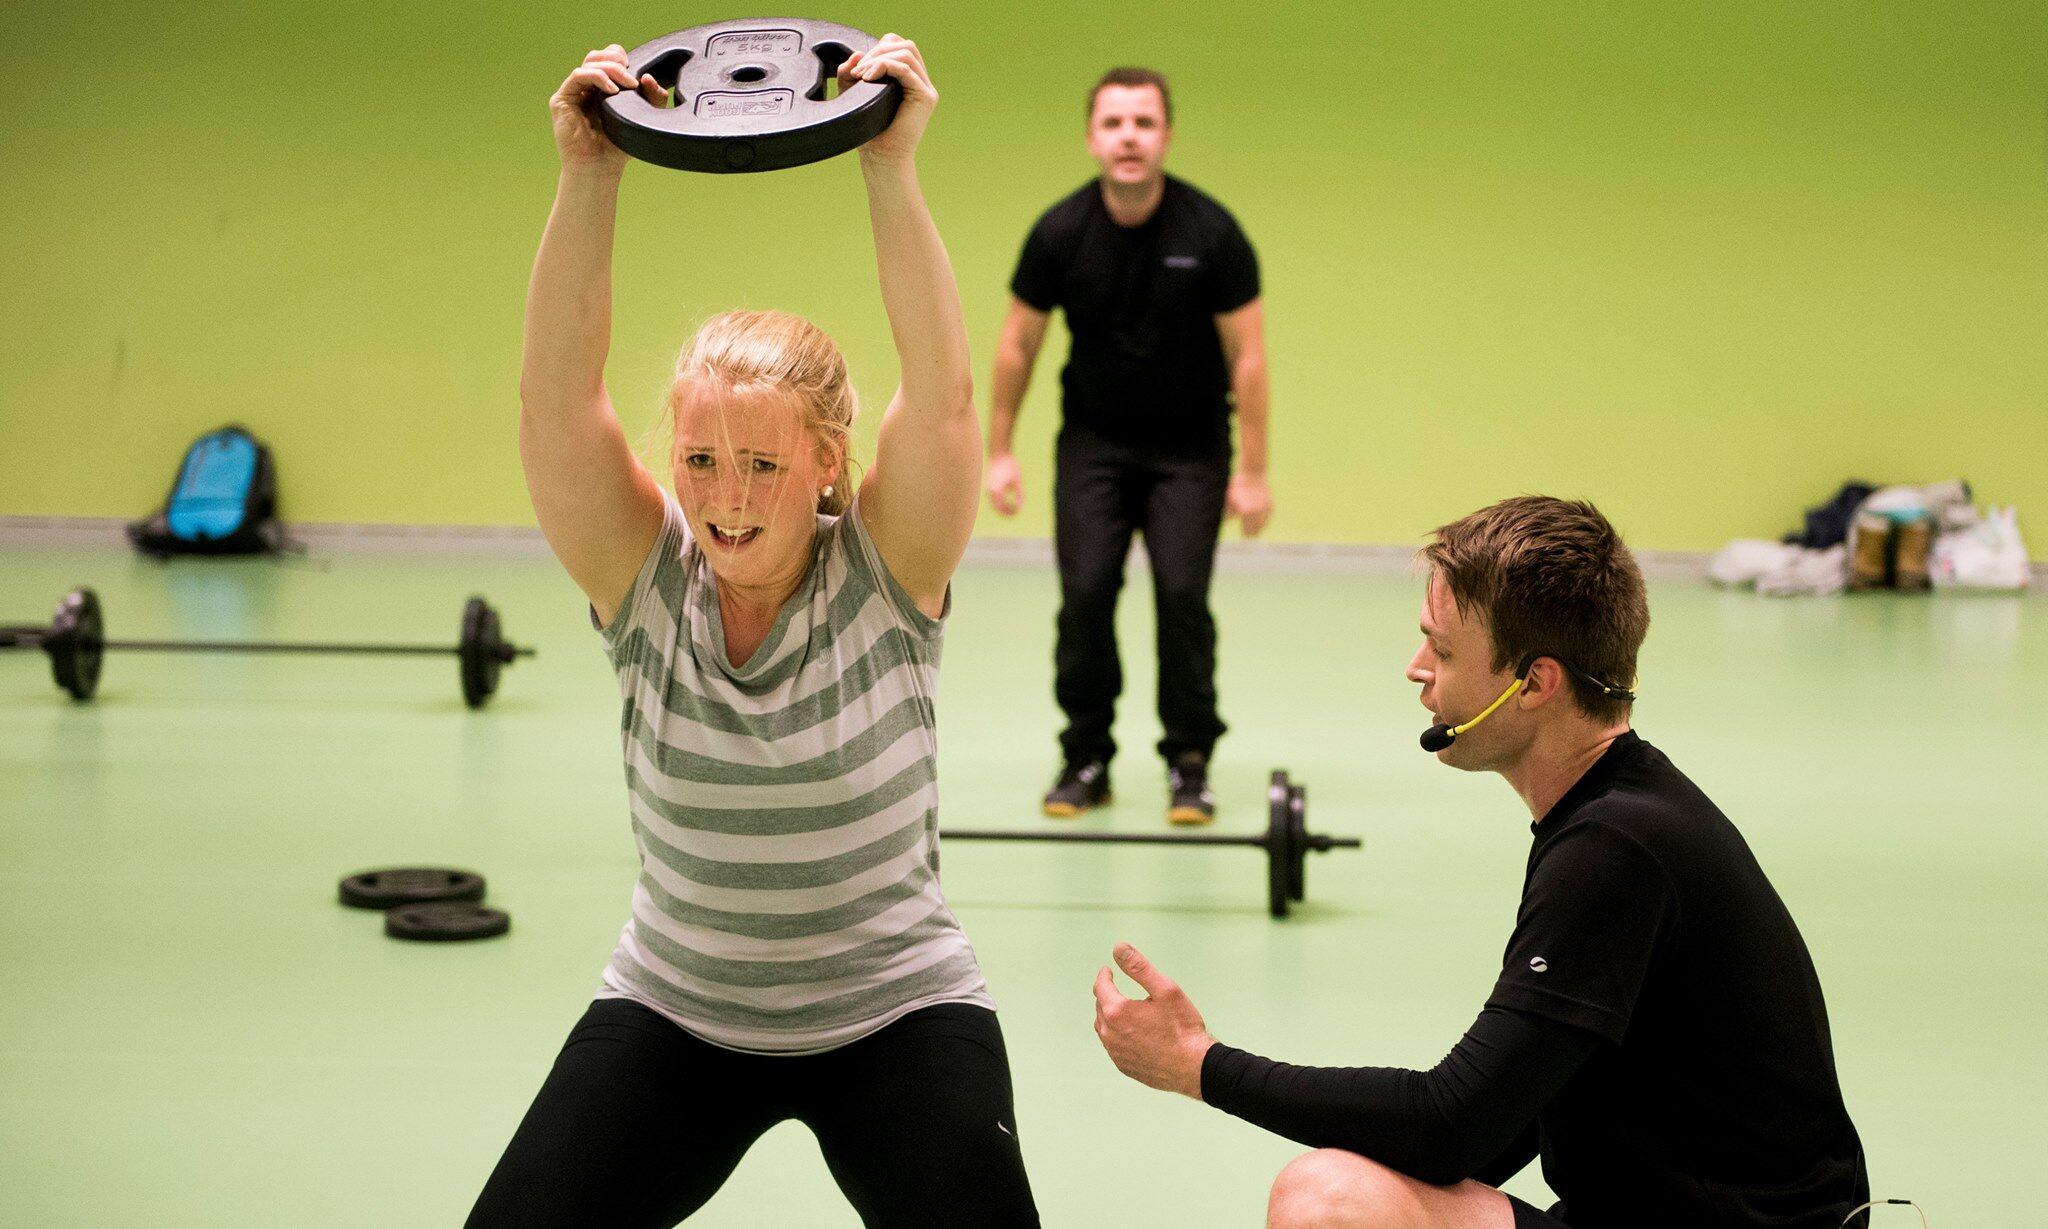 Här är jag på ett gruppträningspass i mitten av min viktresa. Som ni ser kör jag stenhårt tack vare en grymt peppande tränare - en av fördelarna med gruppträning. Bild lånad från HTA Kockum Fritid.